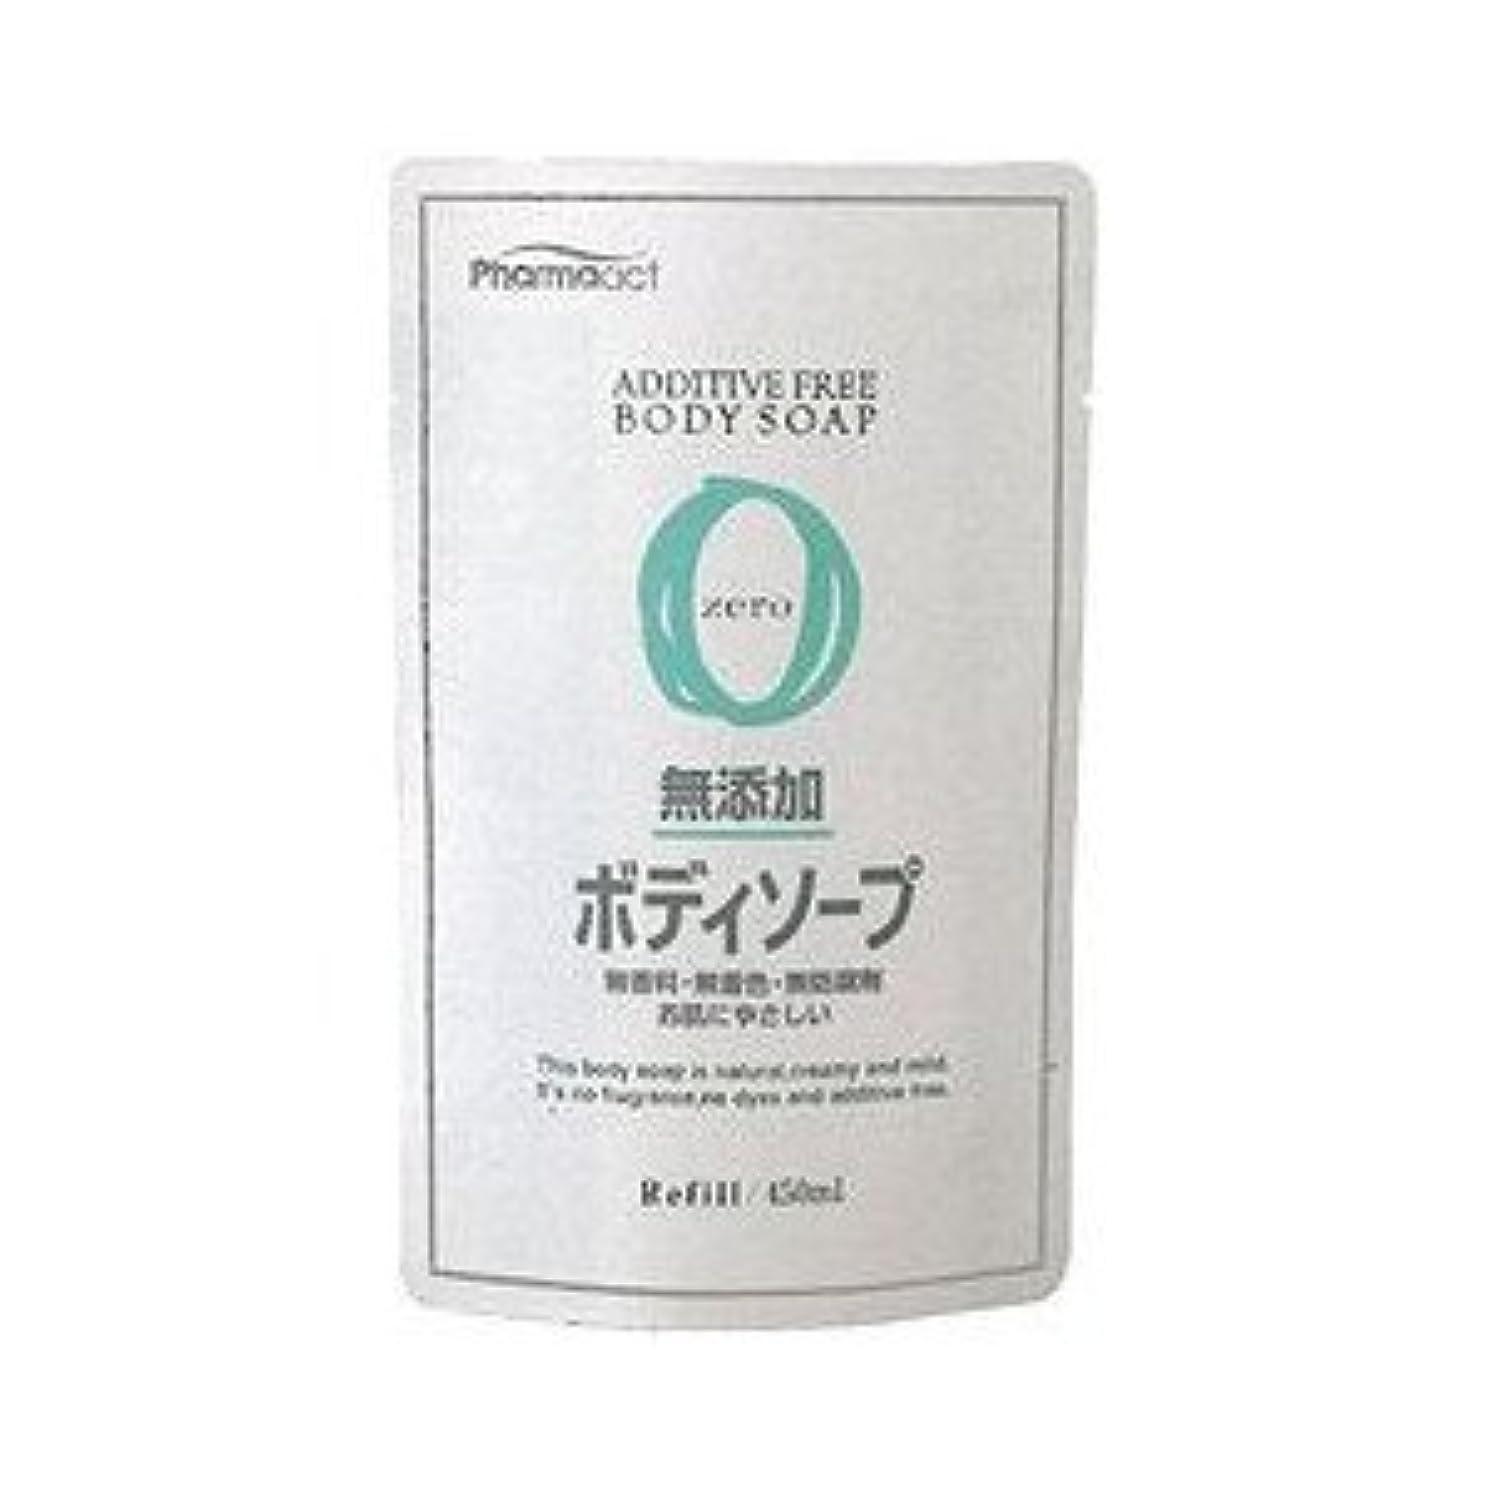 お気に入りありそう溶接熊野油脂 ファーマアクト 無添加ボディソープ つめかえ用 450ml×24点セット  香料?着色料?防腐剤は使用しておりません